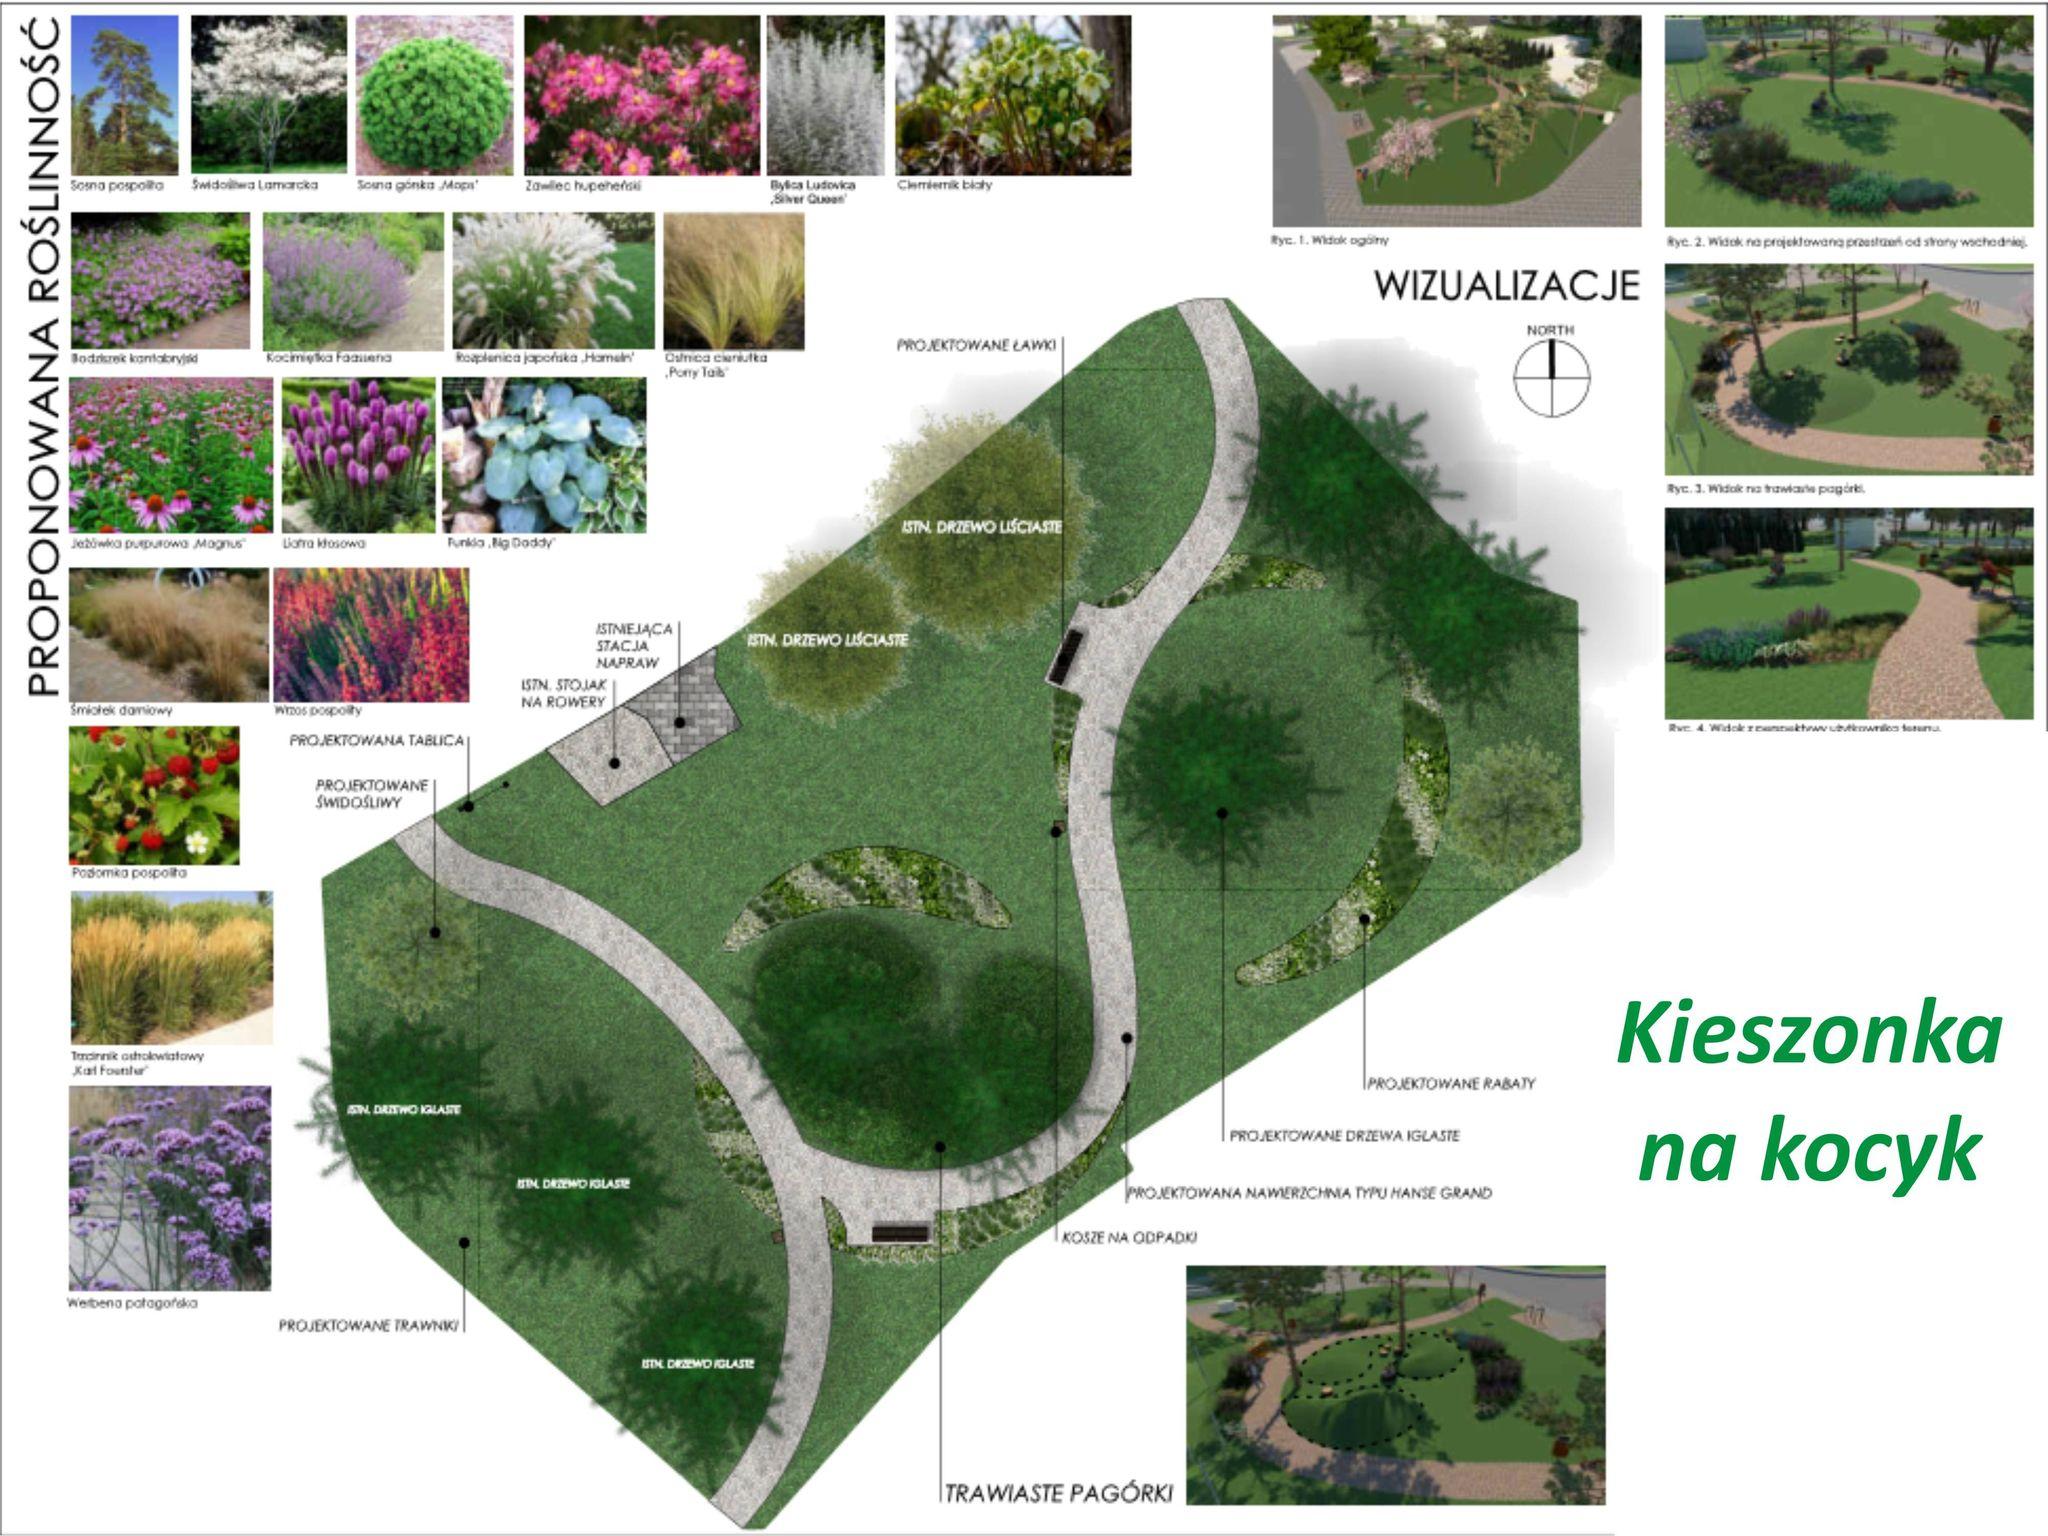 Projekt parku Kieszonka na Kocyk, mat. Wydział Ogrodnika Miasta